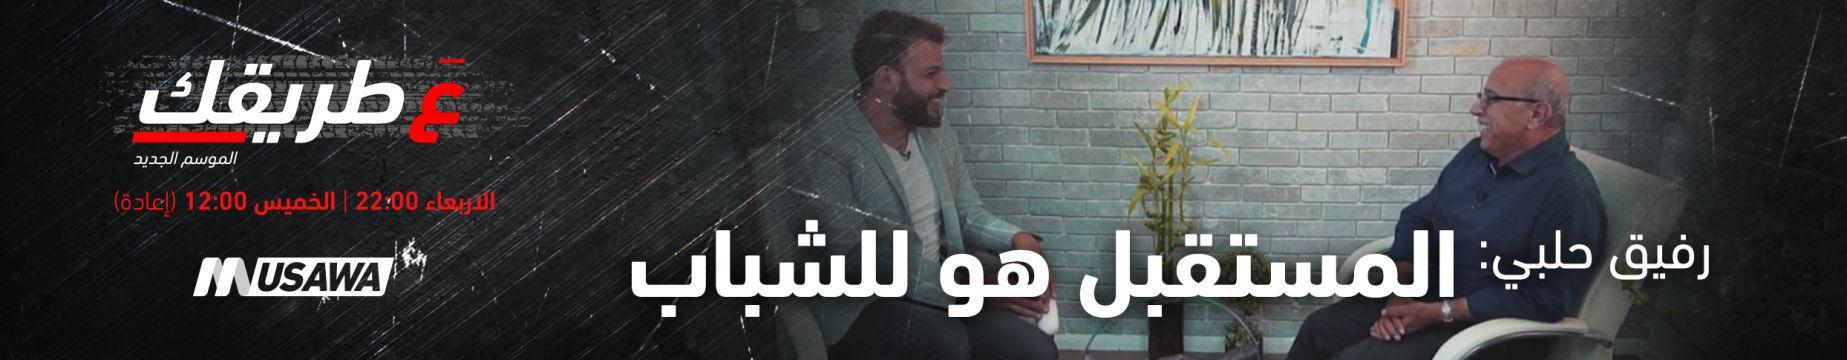 رفيق حلبي: المستقبل هو للشباب